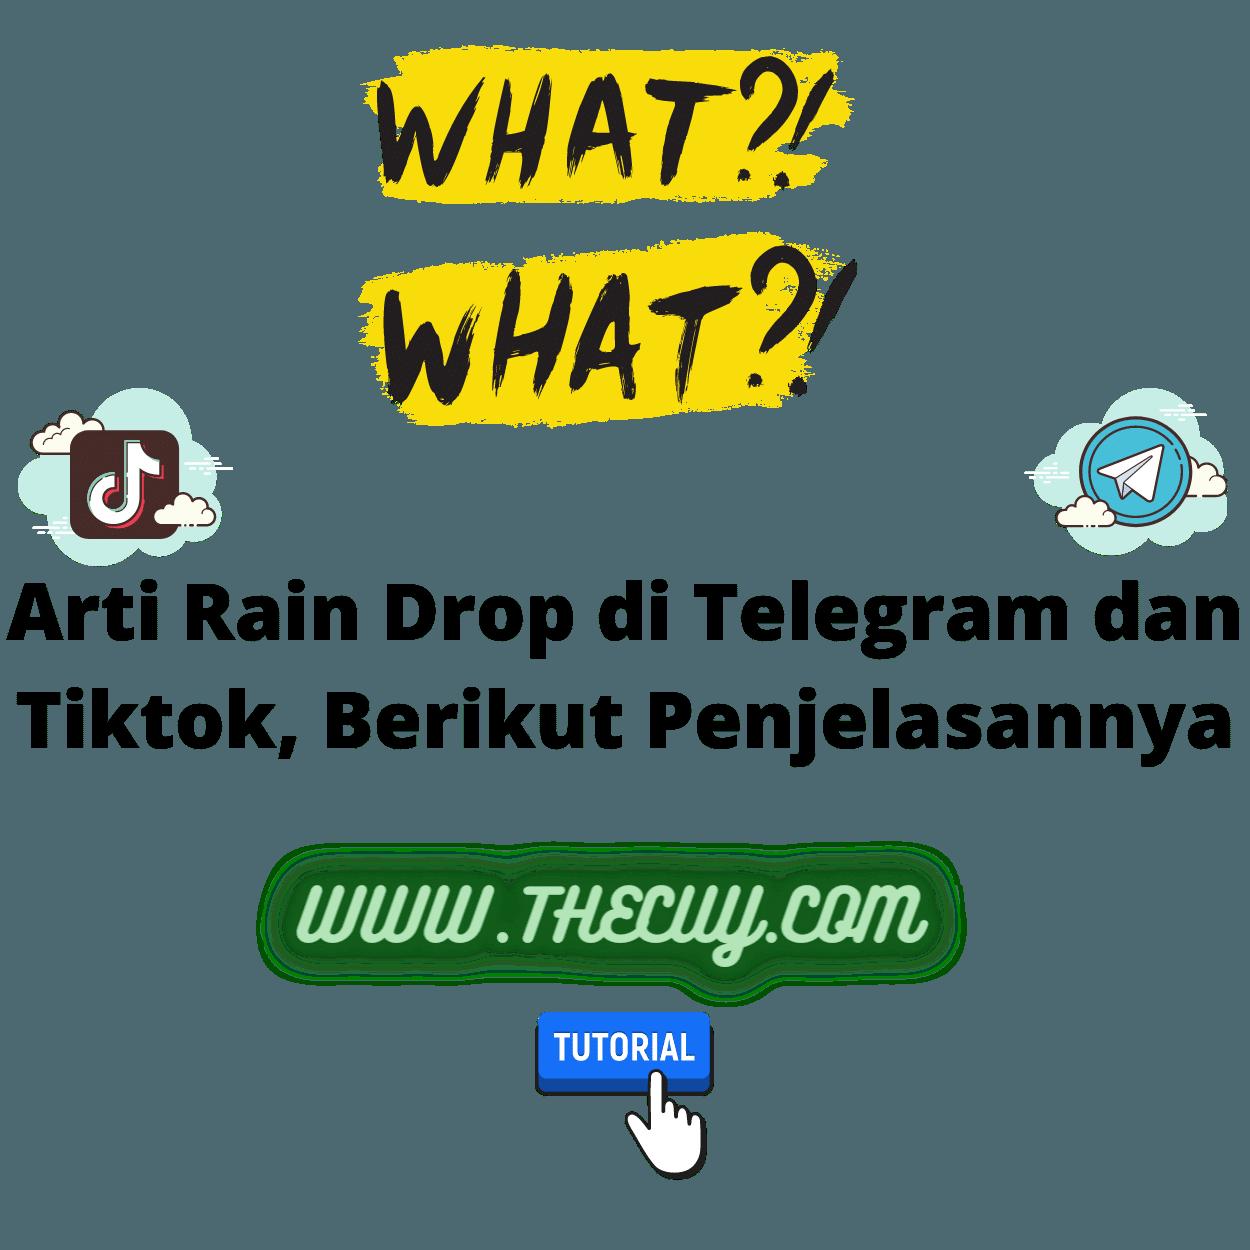 Arti Rain Drop di Telegram dan Tiktok, Berikut Penjelasannya